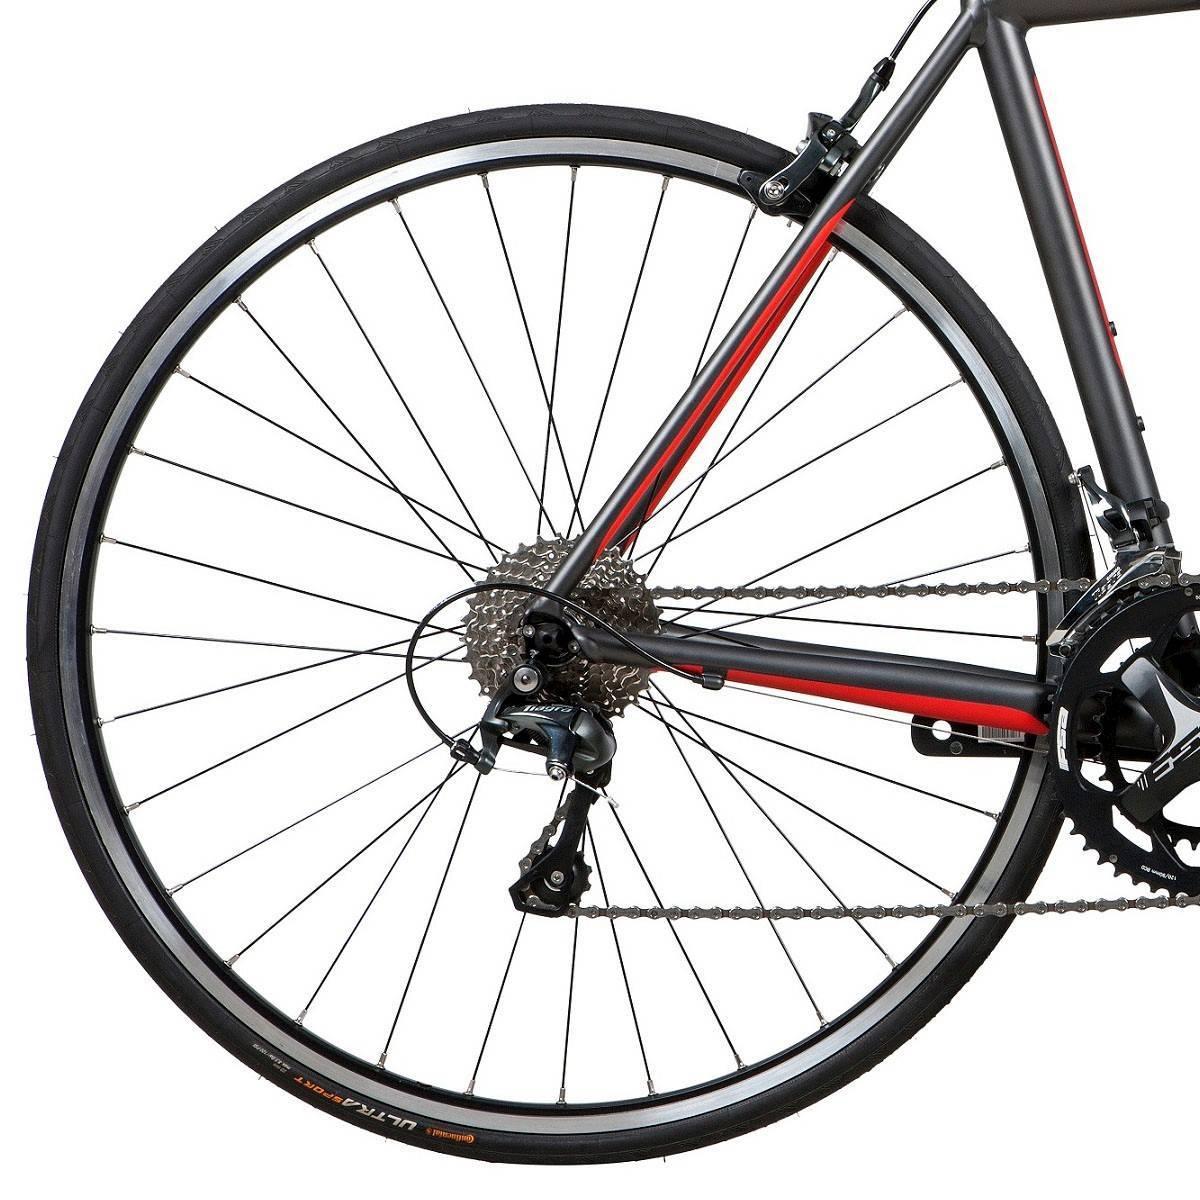 Bicicleta Caloi Strada Racing 2018 - BIKE ALLA CARTE